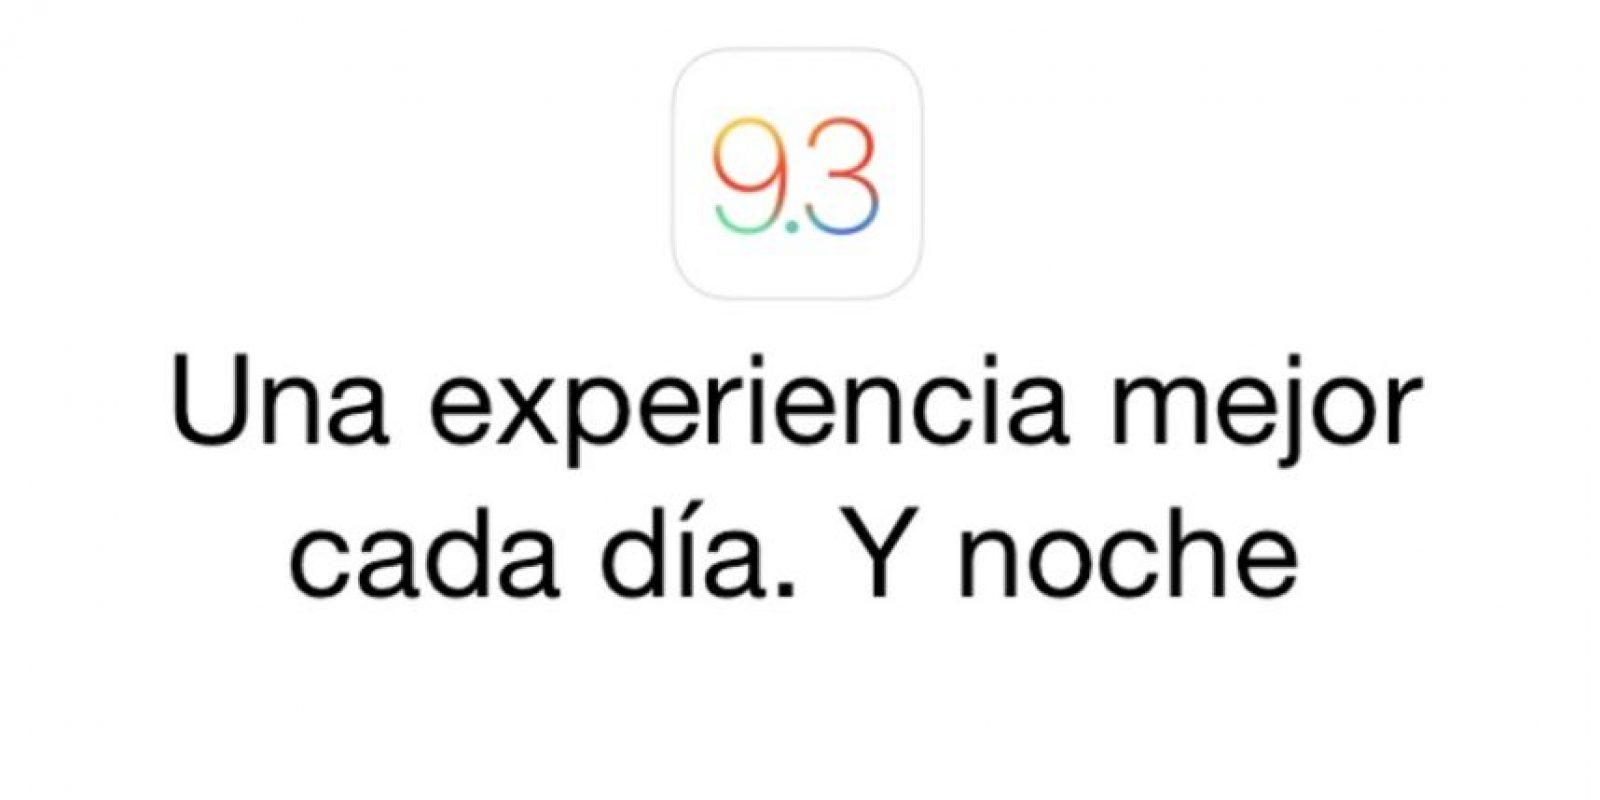 La versión BETA de iOS 9.3 ya está disponible. Foto:Apple. Imagen Por: